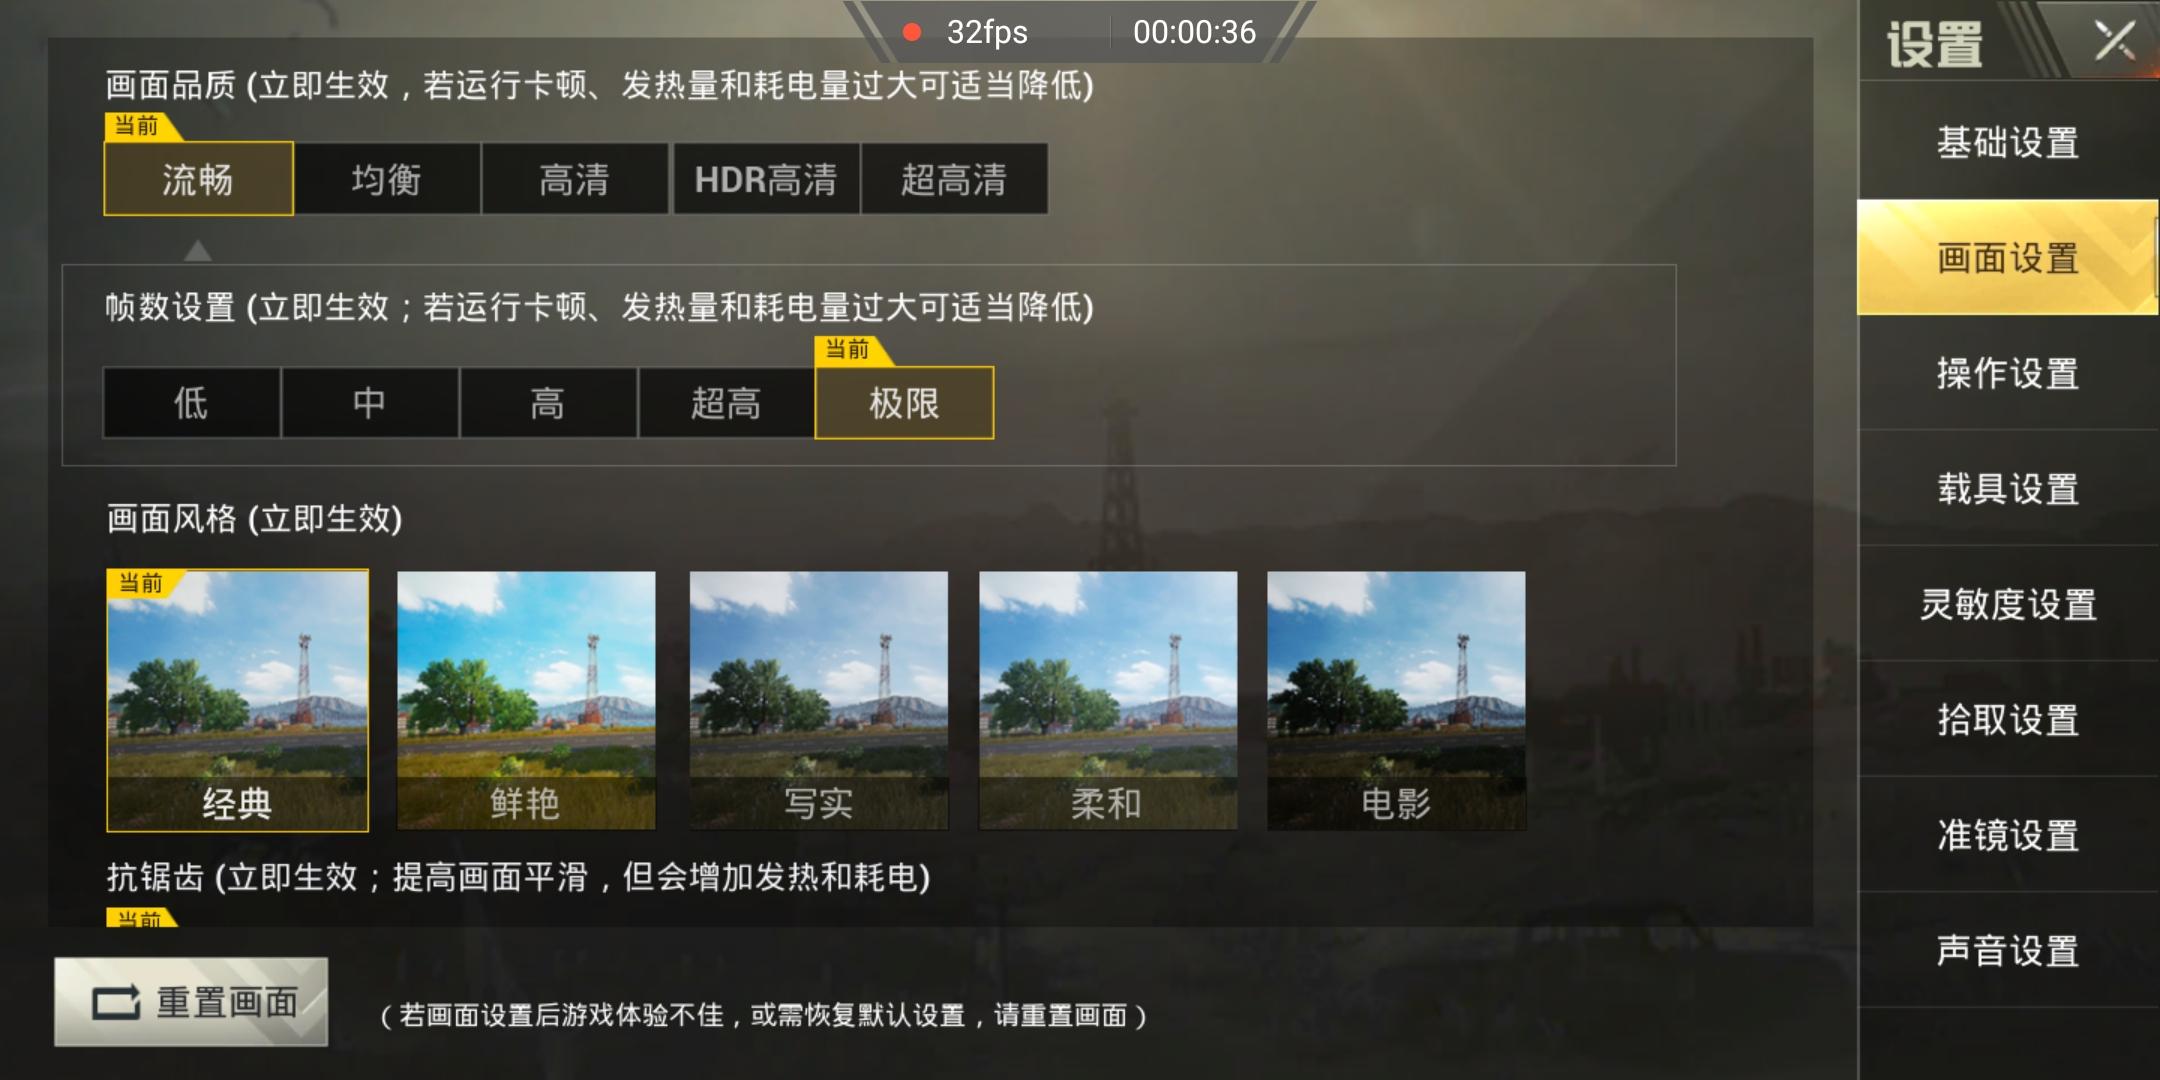 Screenshot_20181130_154032_com.tencent.tmgp.pubgm.jpg